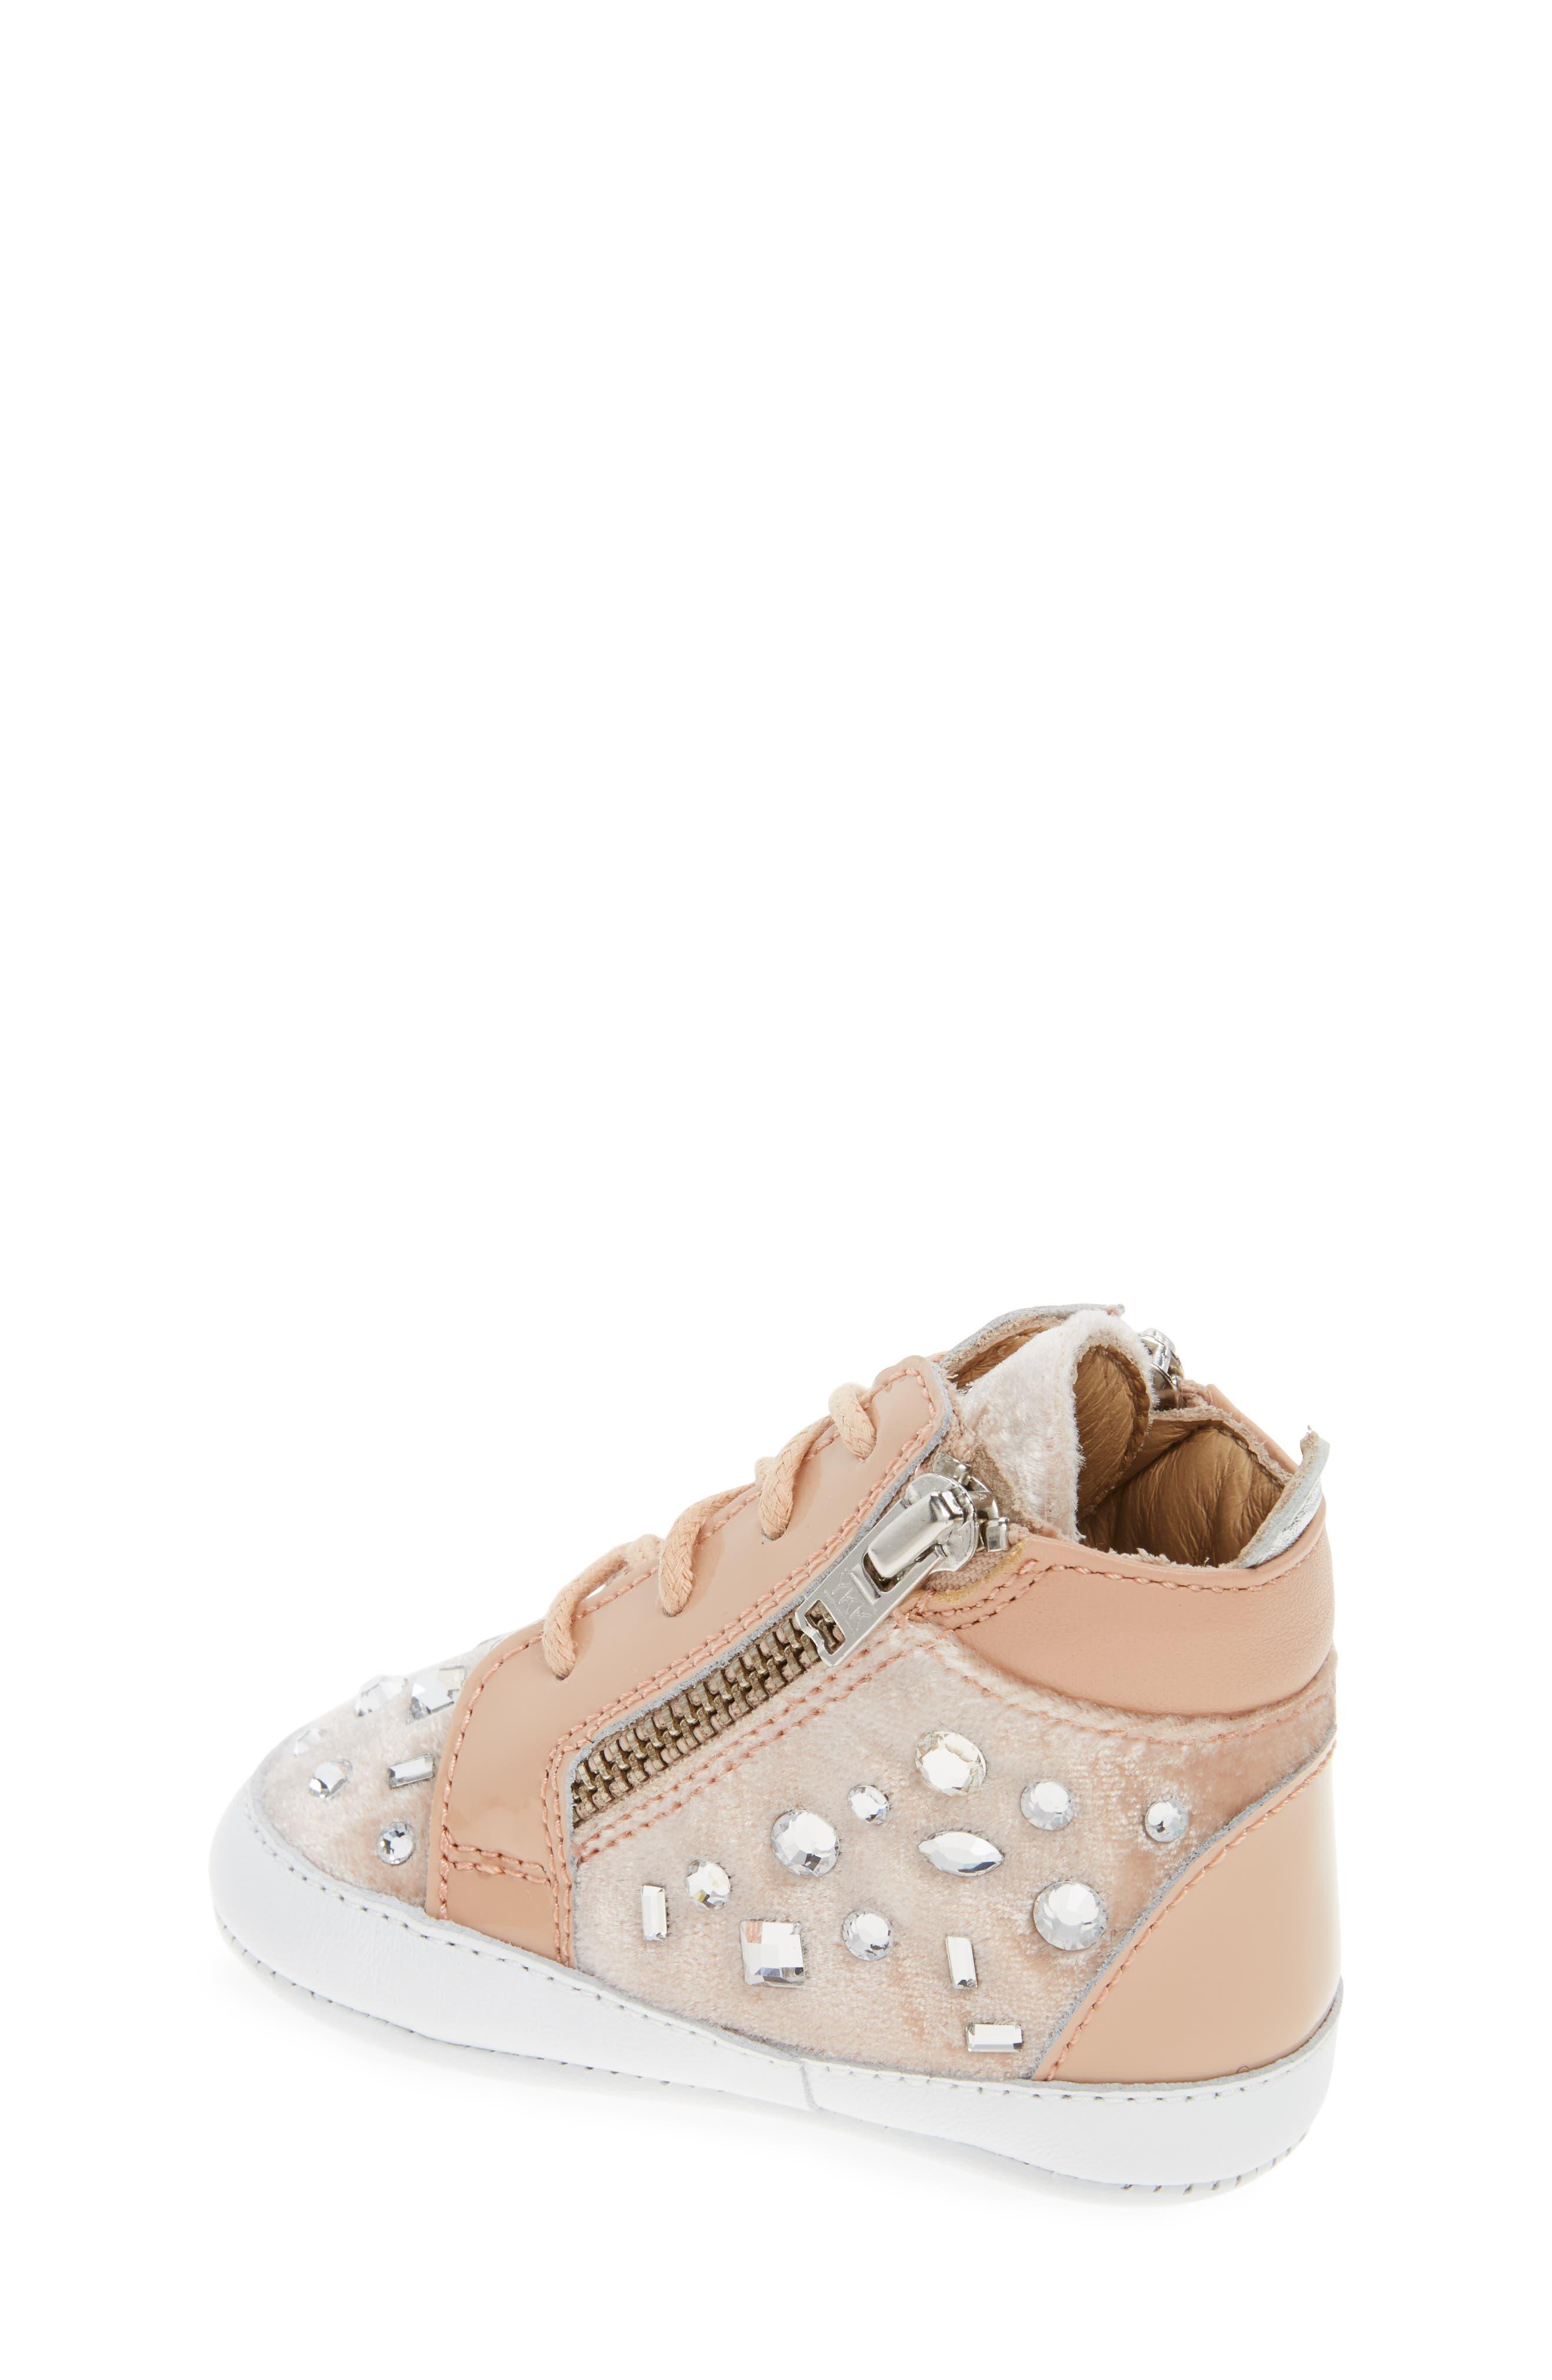 Alternate Image 2  - Giuseppe Zanotti Veronica Embellished Sneaker (Baby, Walker, Toddler & Little Kid)